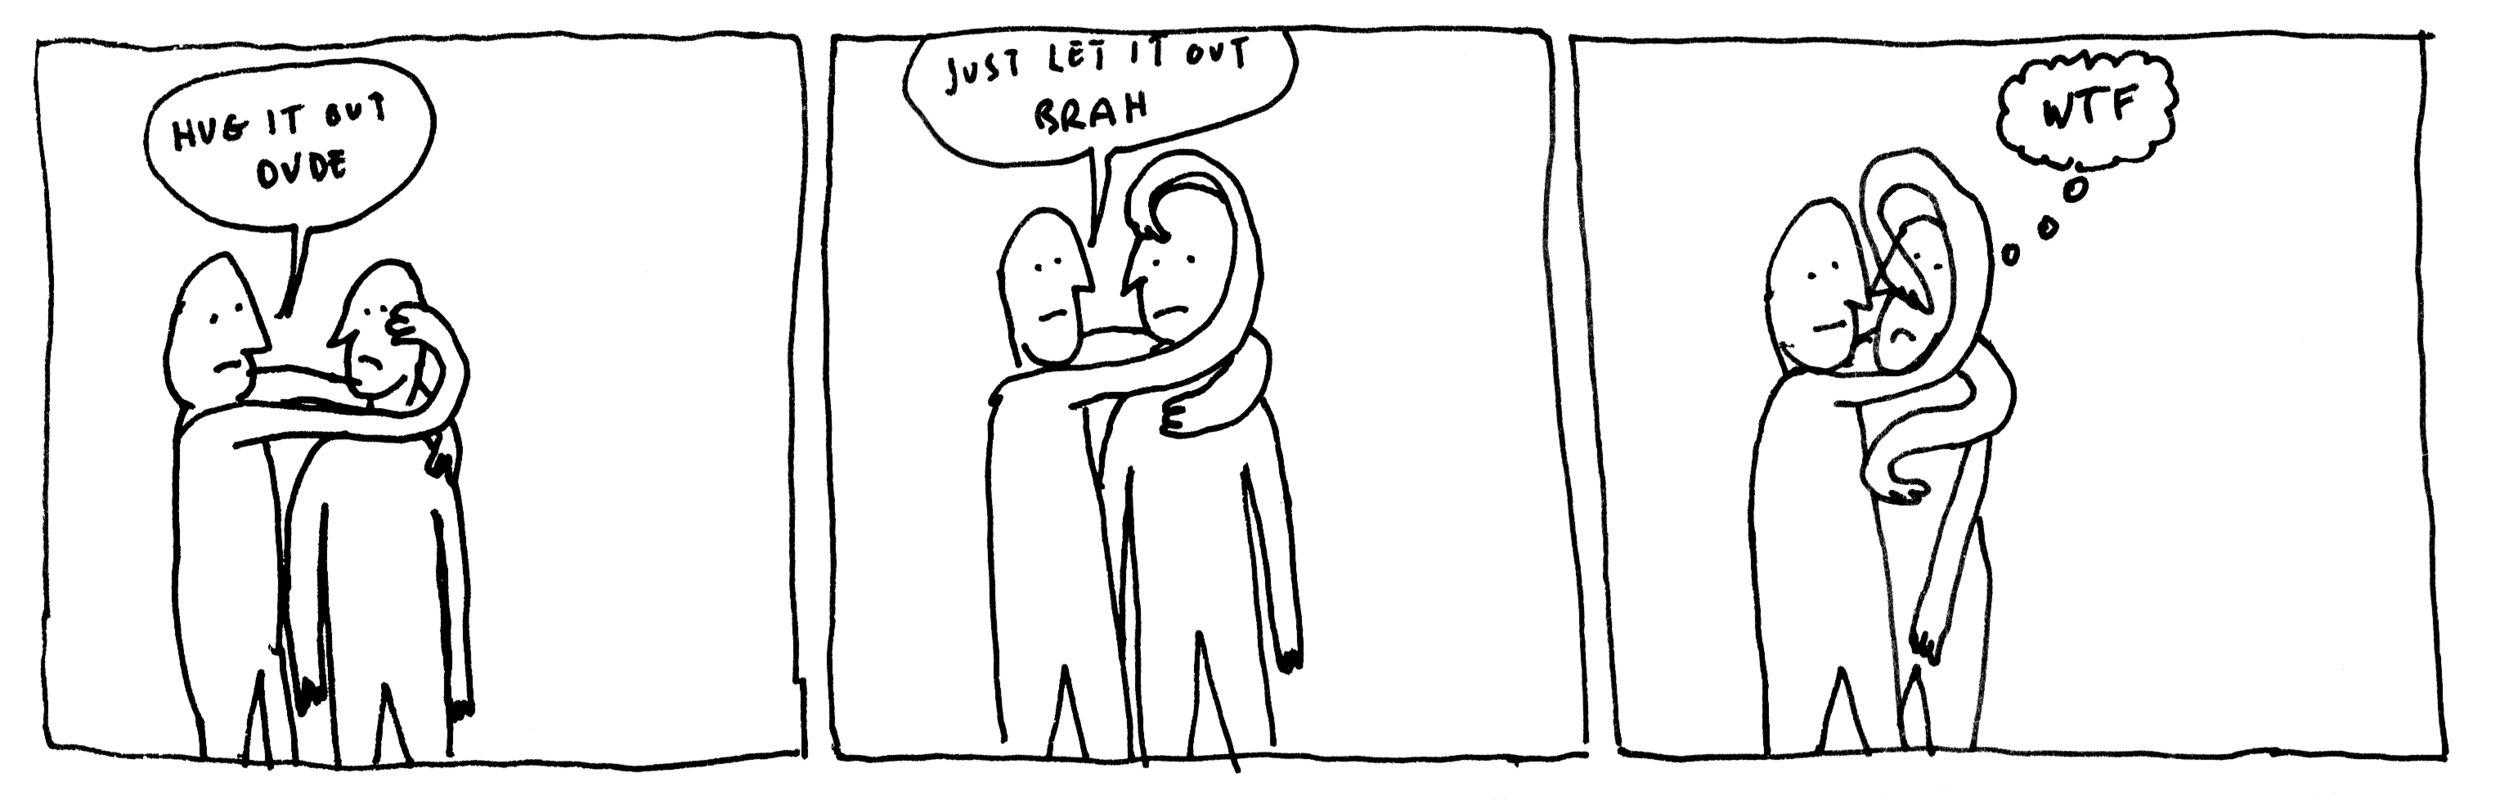 comic016.jpg